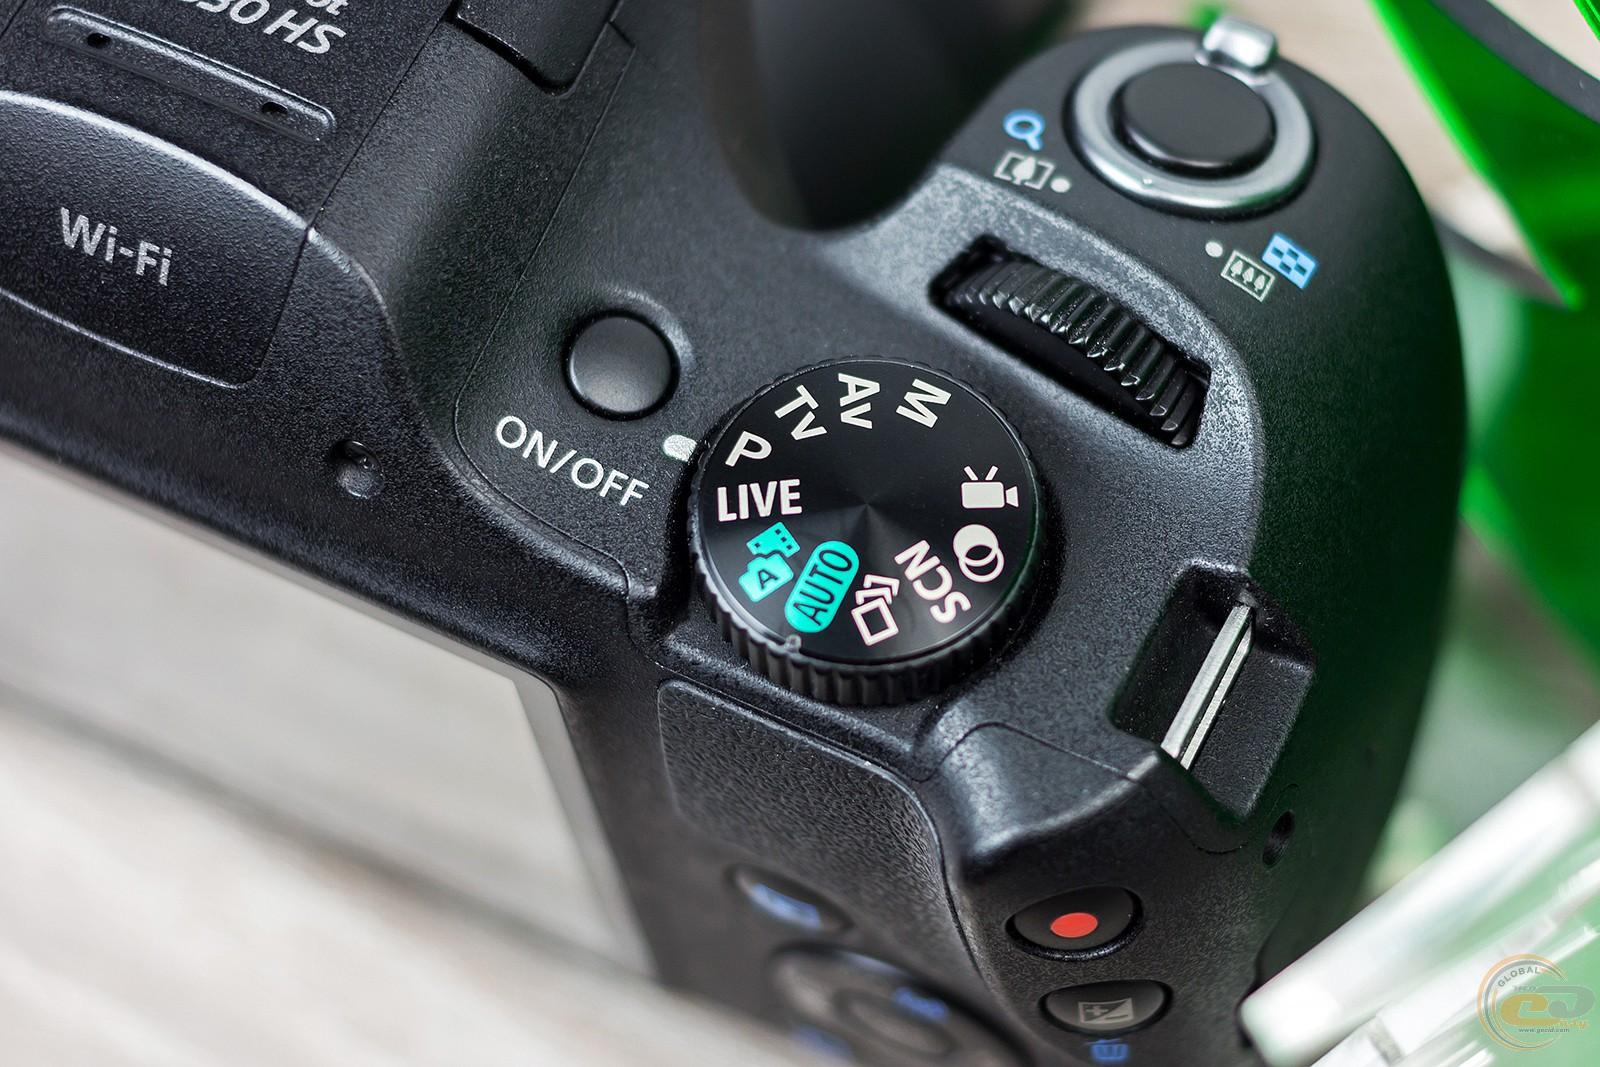 ничего сложно, независимый тест компактных фотоаппаратов страхом